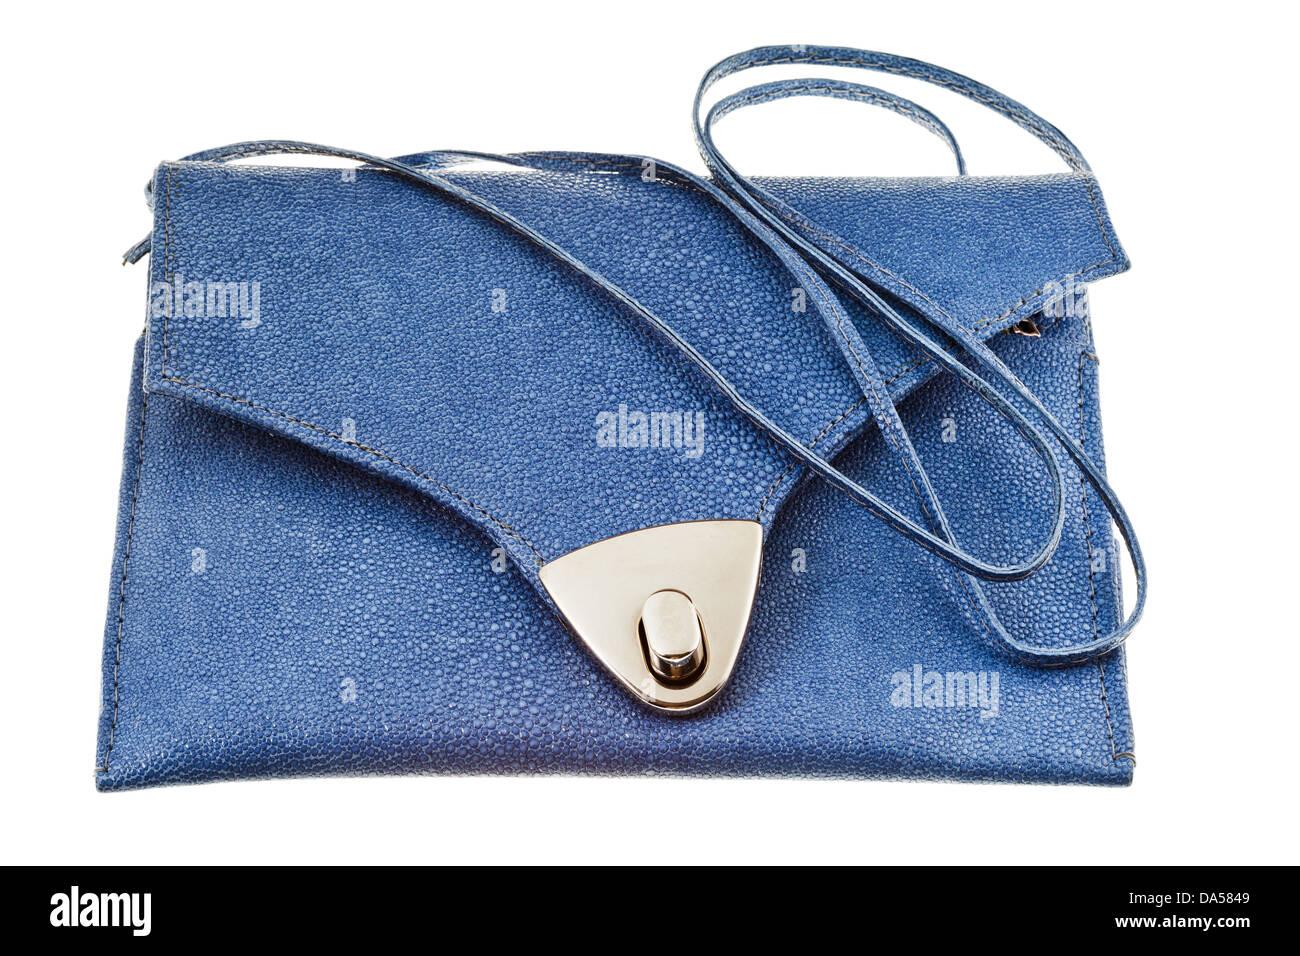 cd9c0932c07da kleine flache blaue Handtasche isoliert auf weißem Hintergrund Stockbild